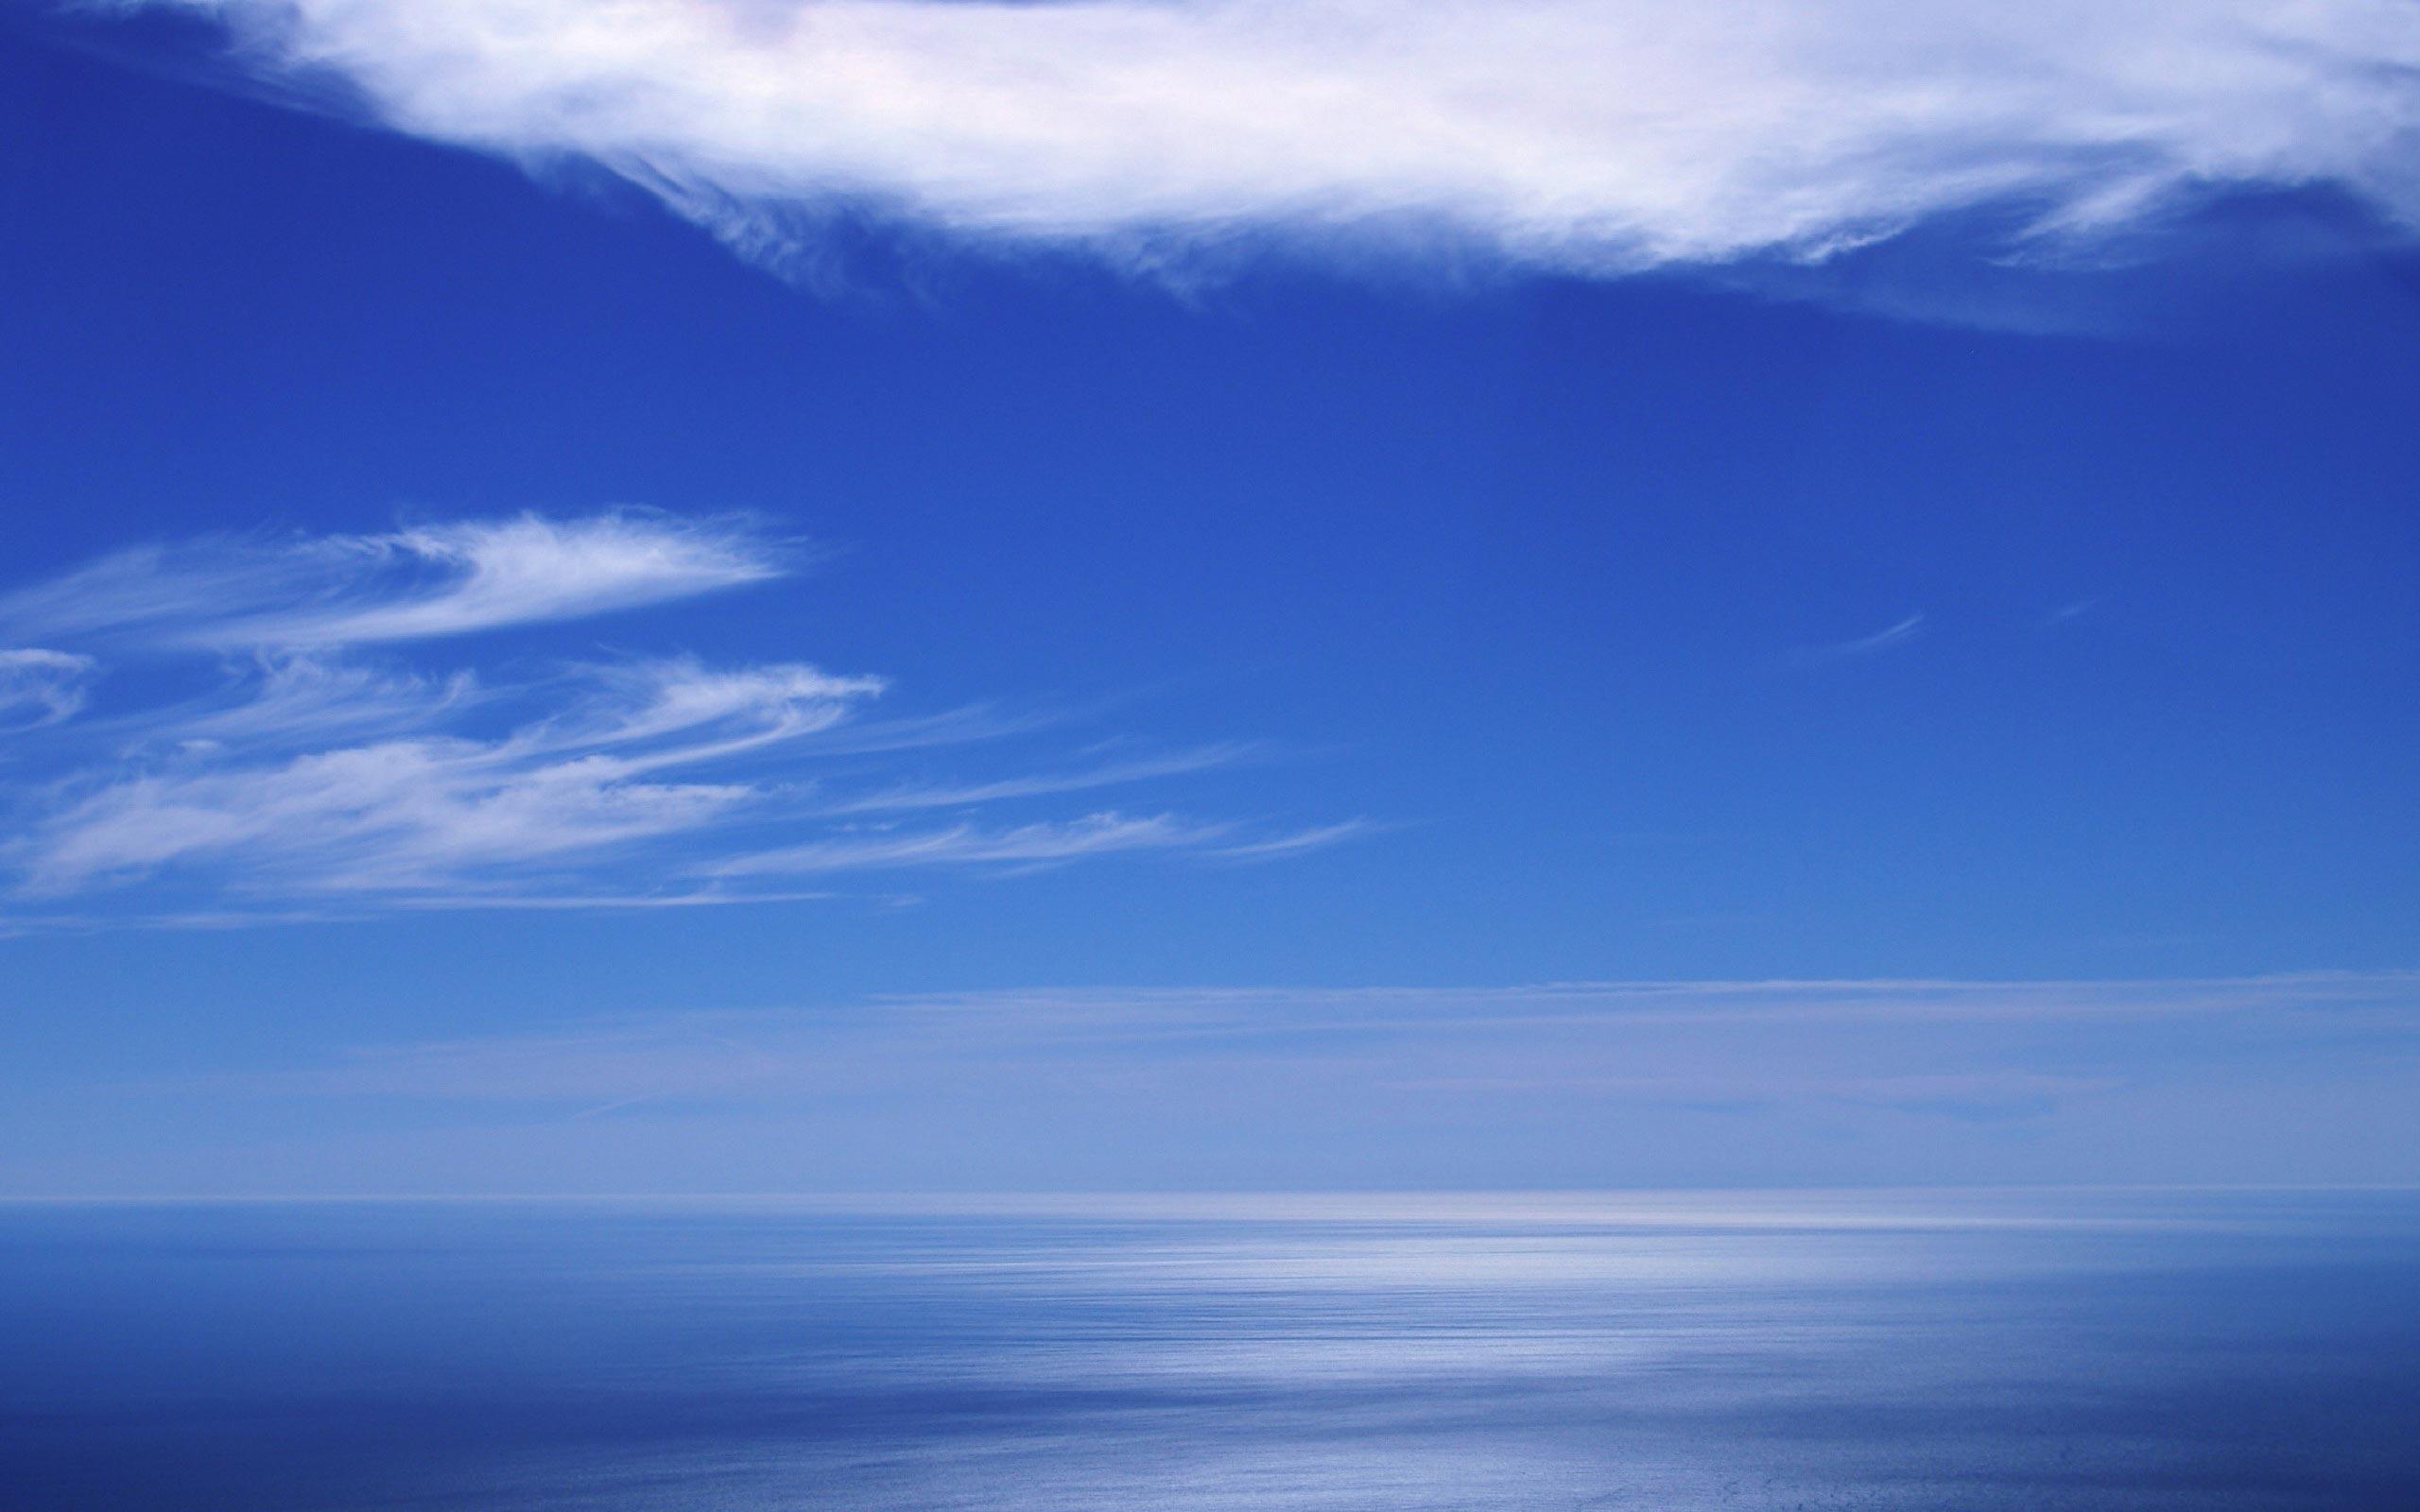 Cielo azul en el horizonte - 2560x1600